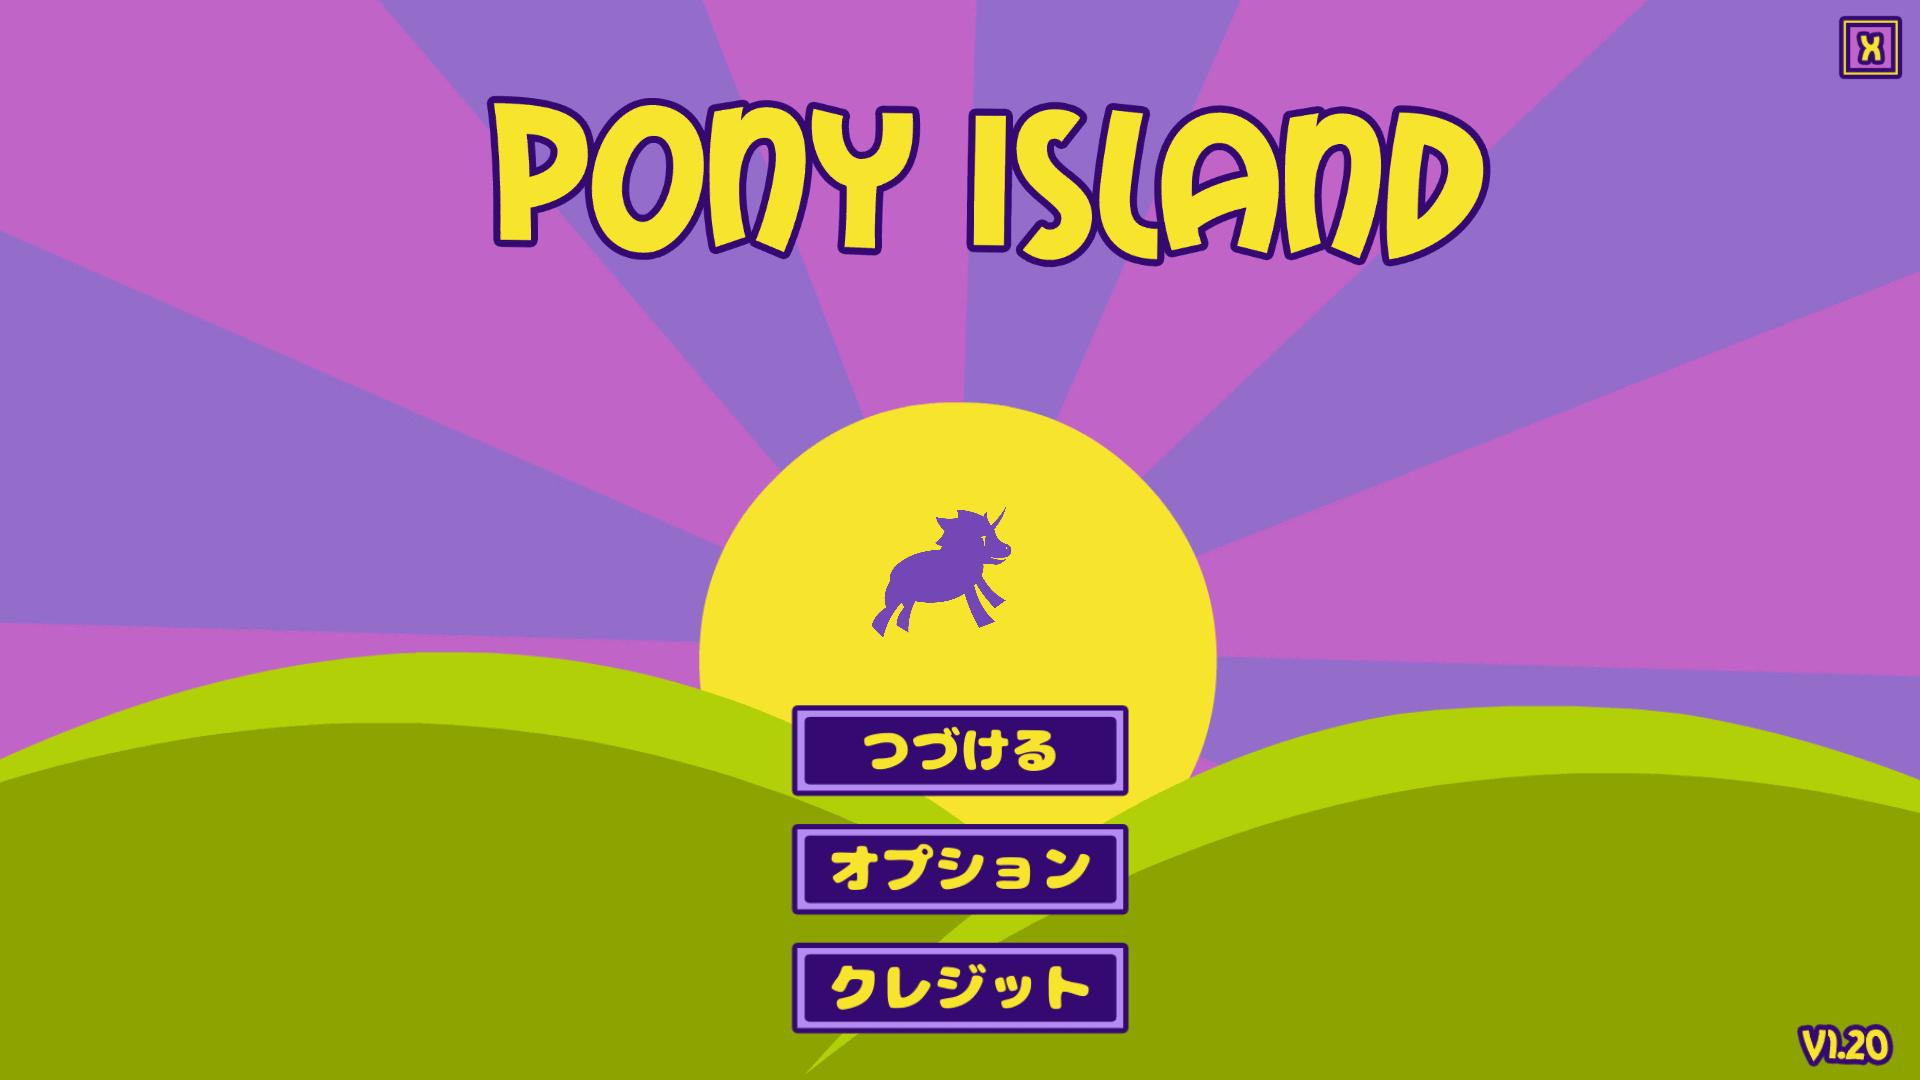 過去に公開された PC ゲーム Pony Island の日本語化ファイルを何とかして再現する方法、PC ゲーム Pony Island 日本語化方法、Humble DRM-Free 版 Pony Island V1.20 日本語化後スクリーンショット、ゲームを起動して OPTIONS を選択 → LANGUAGE SETTINGS を選択 → français を選択、タイトル画面に戻り日本語に変更されていれば成功